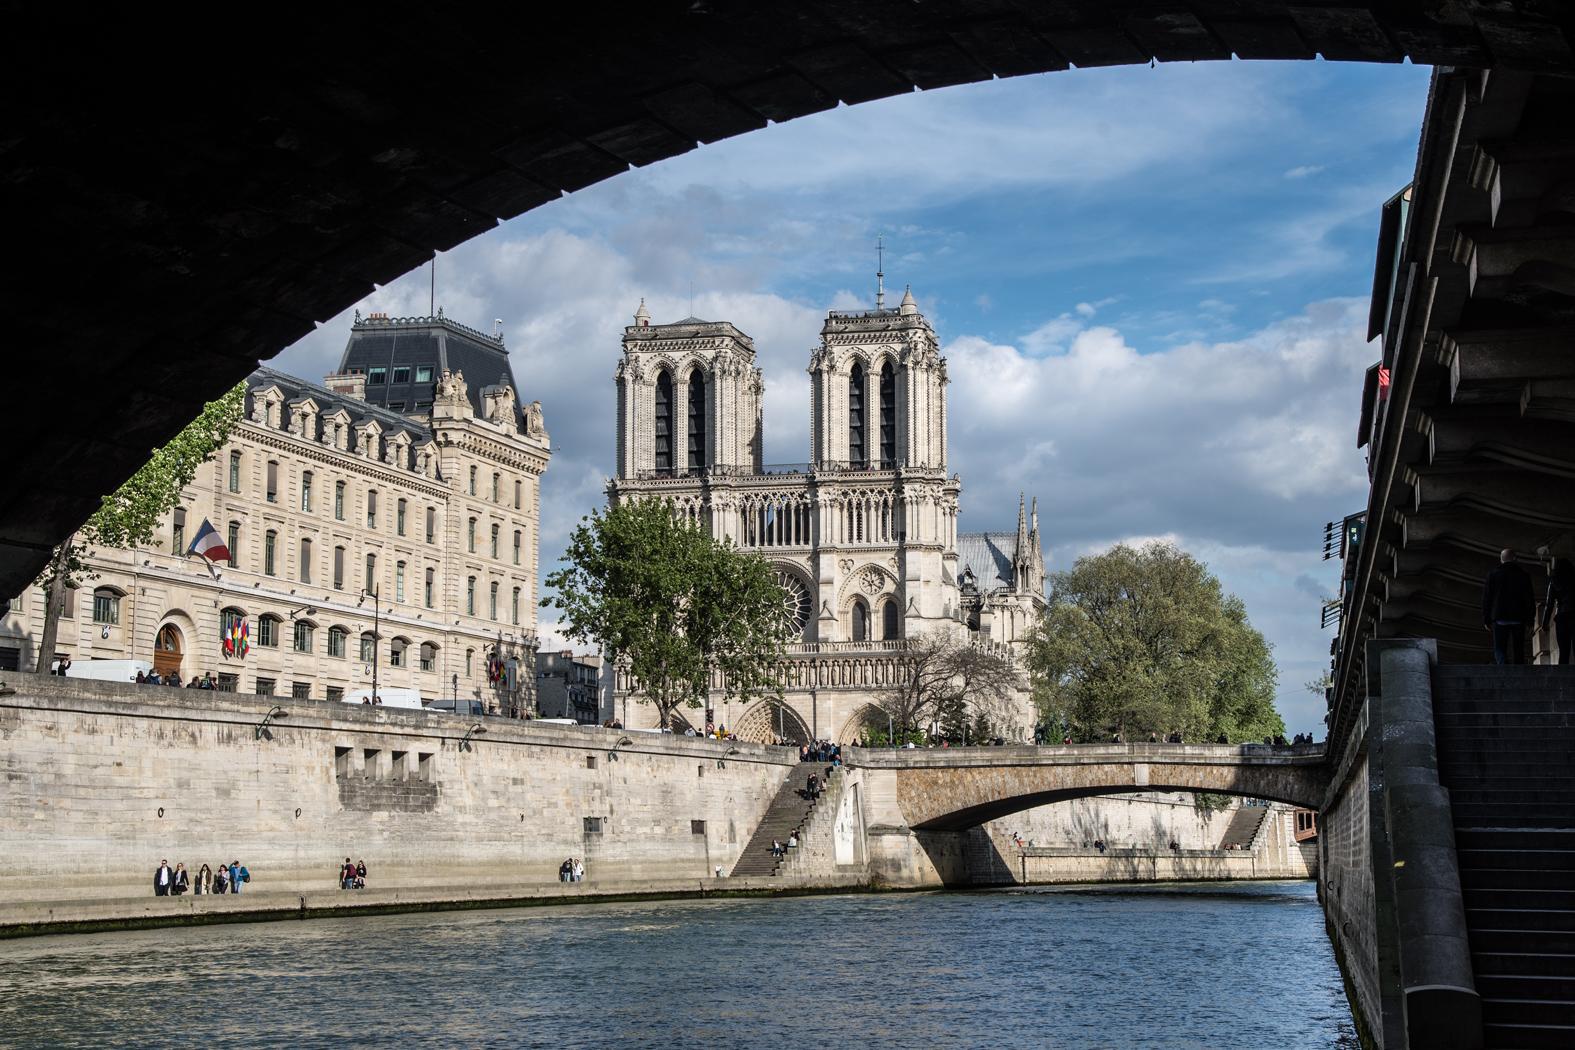 Paris_10.4.17_22